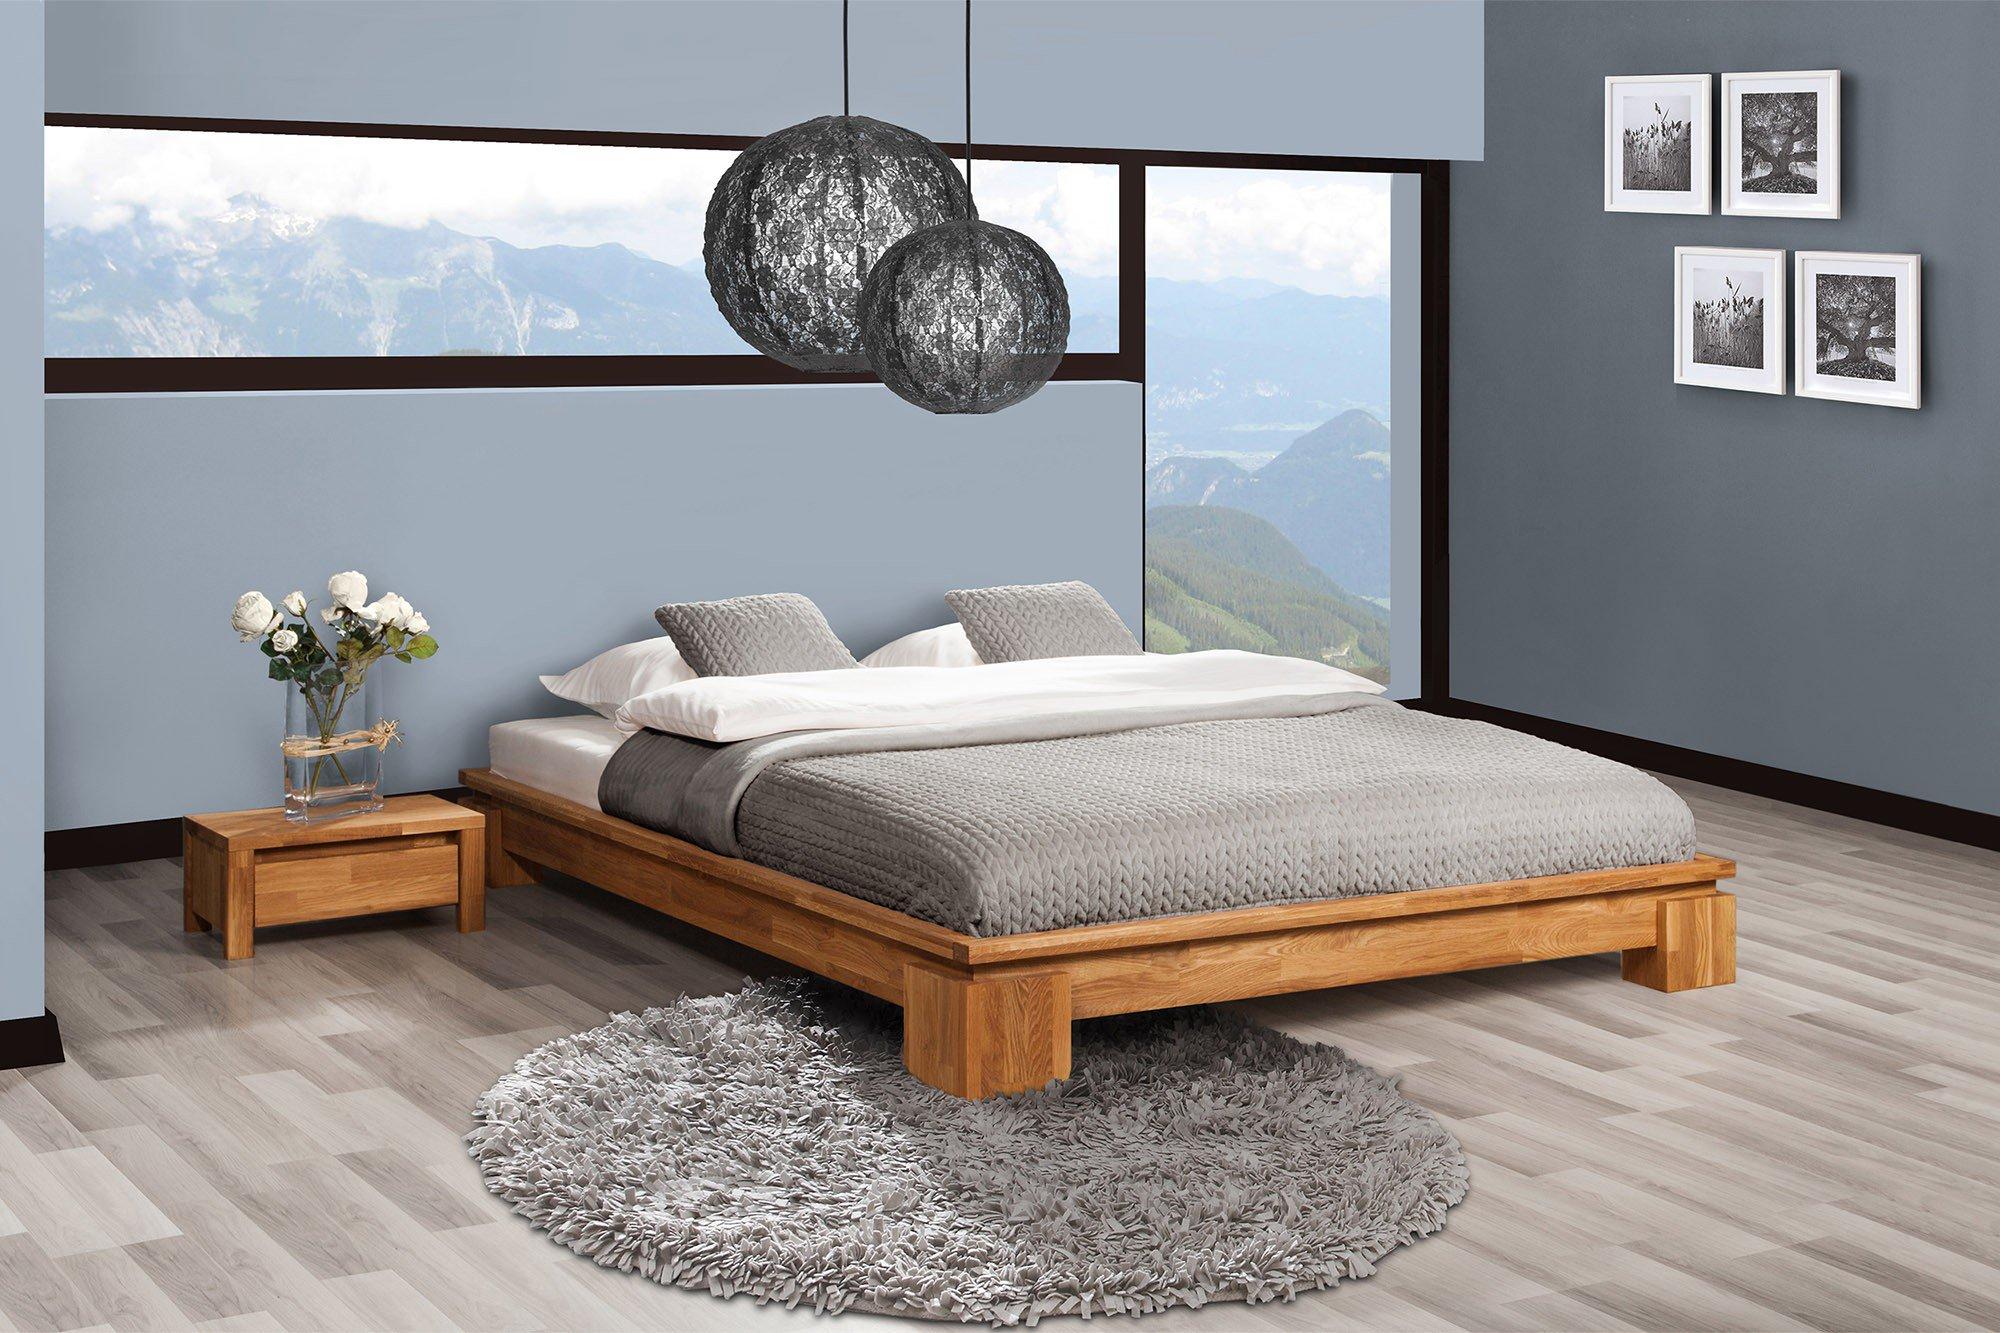 lattenroste elektrisch otten bettw sche smiley wandfarbe t rkis schlafzimmer steinoptik. Black Bedroom Furniture Sets. Home Design Ideas